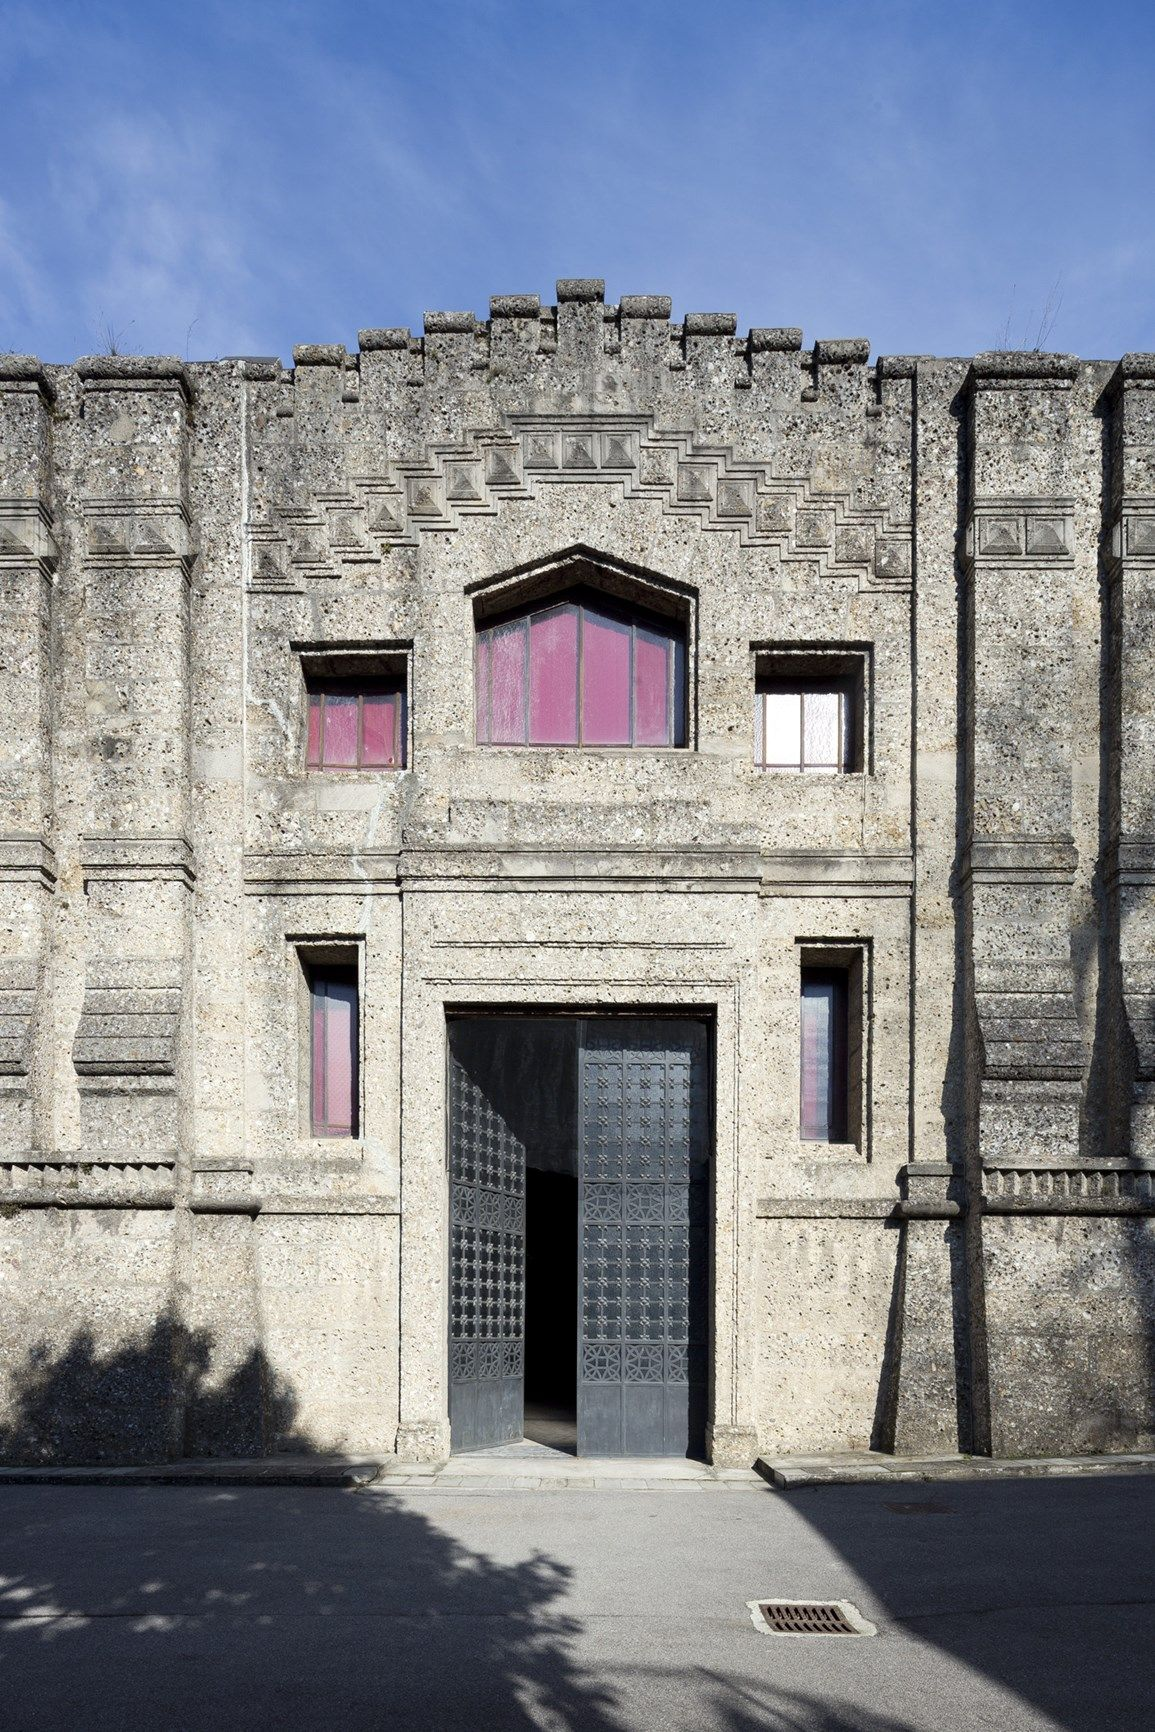 Centrale di Trezzo sull'Adda, Trezzo (MI) – Interaction and Exhibition Design by Dotdotdot